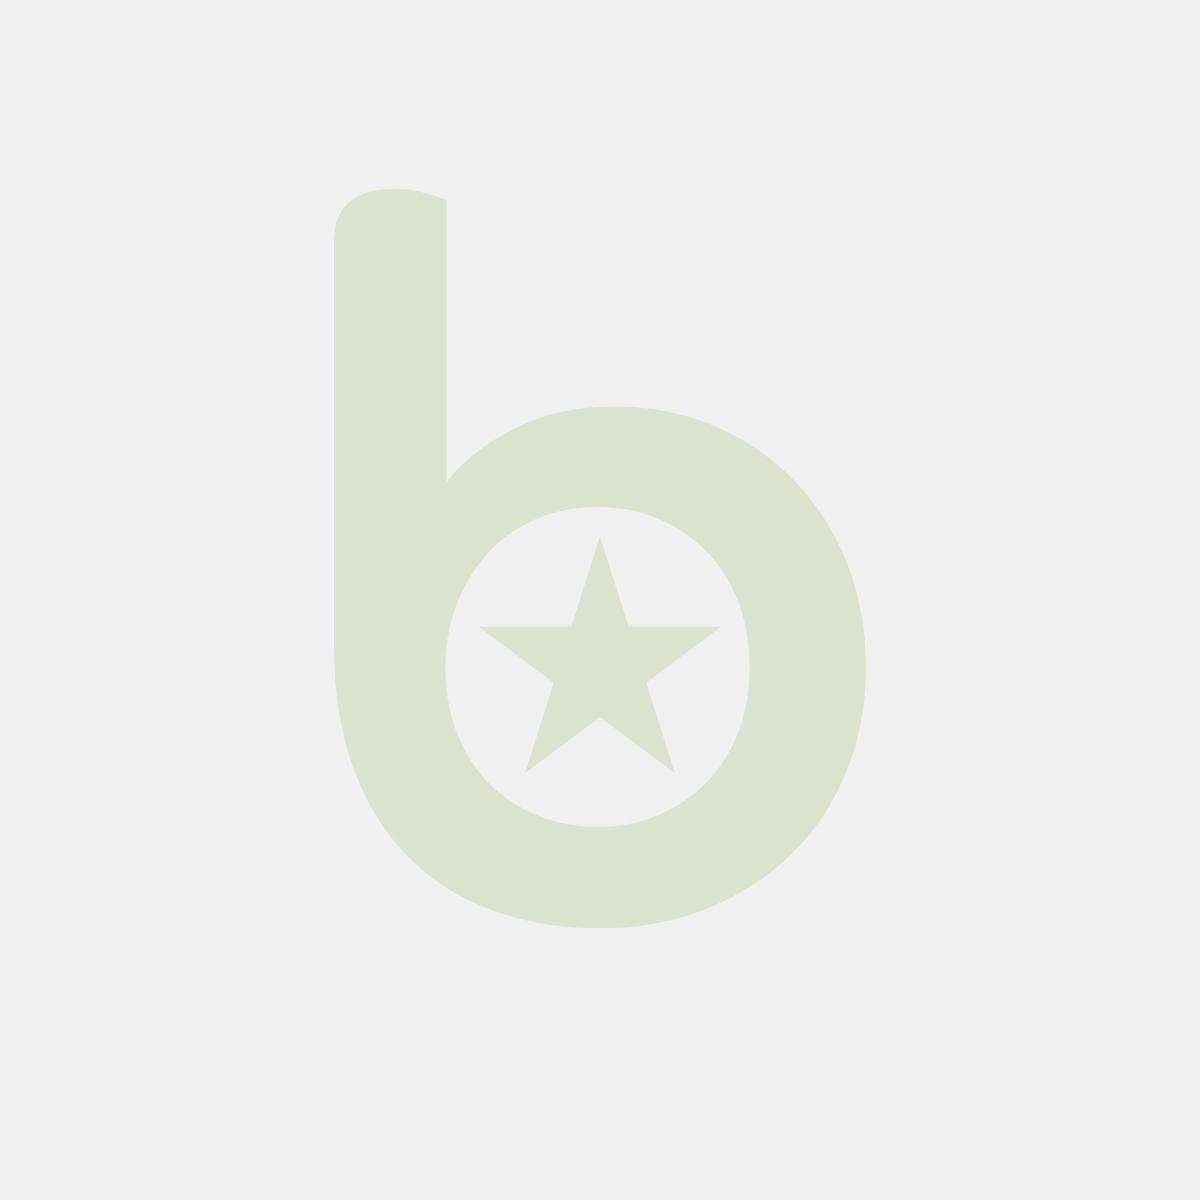 Kubek PET shake, smoothie 0,3l COVERIS fi 95mm op. 50 sztuk